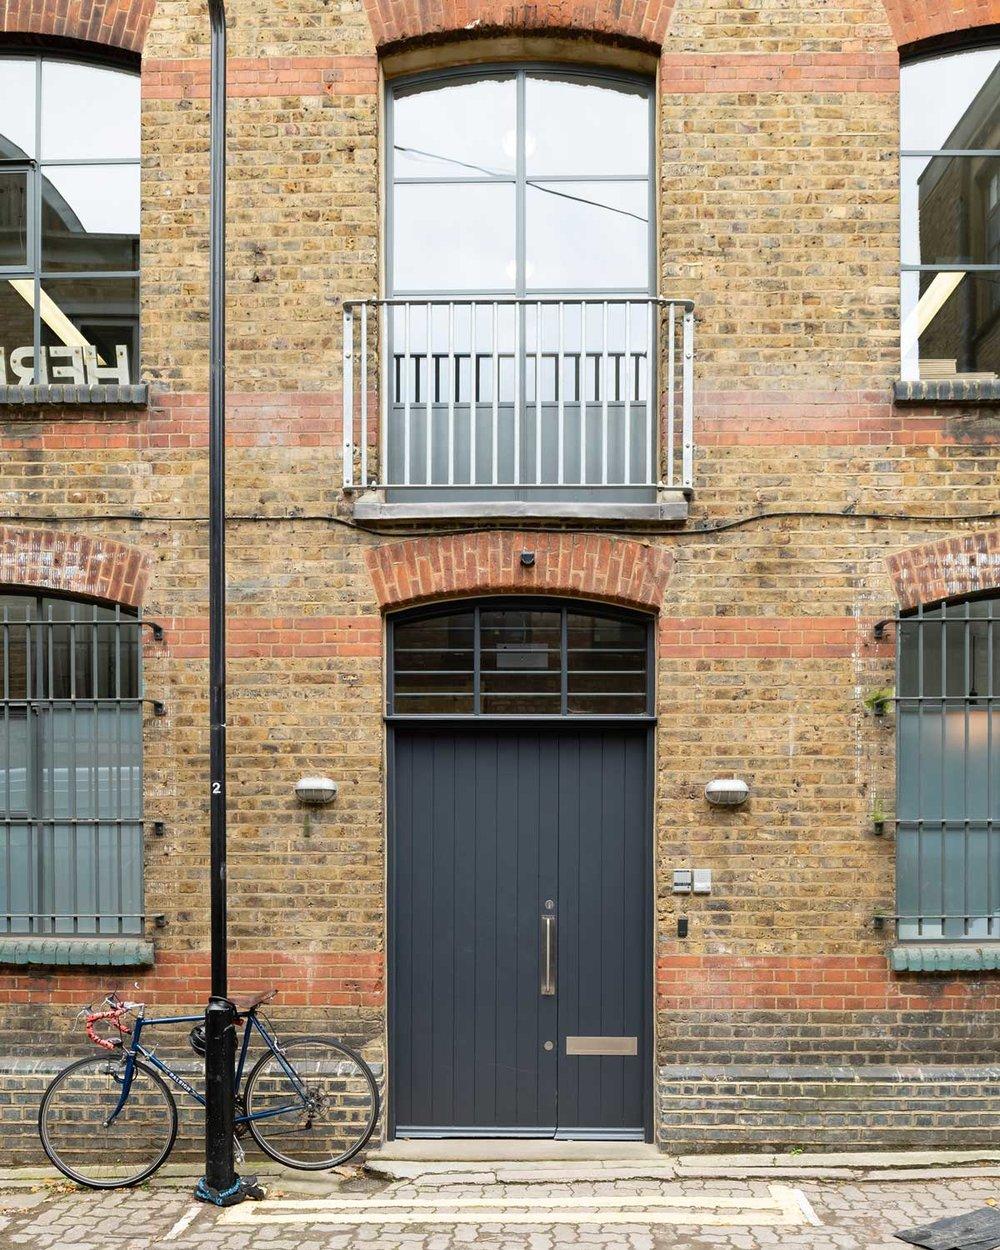 Architecture-London-Design-Freehaus-Workspace-Ink-Works-19.jpg